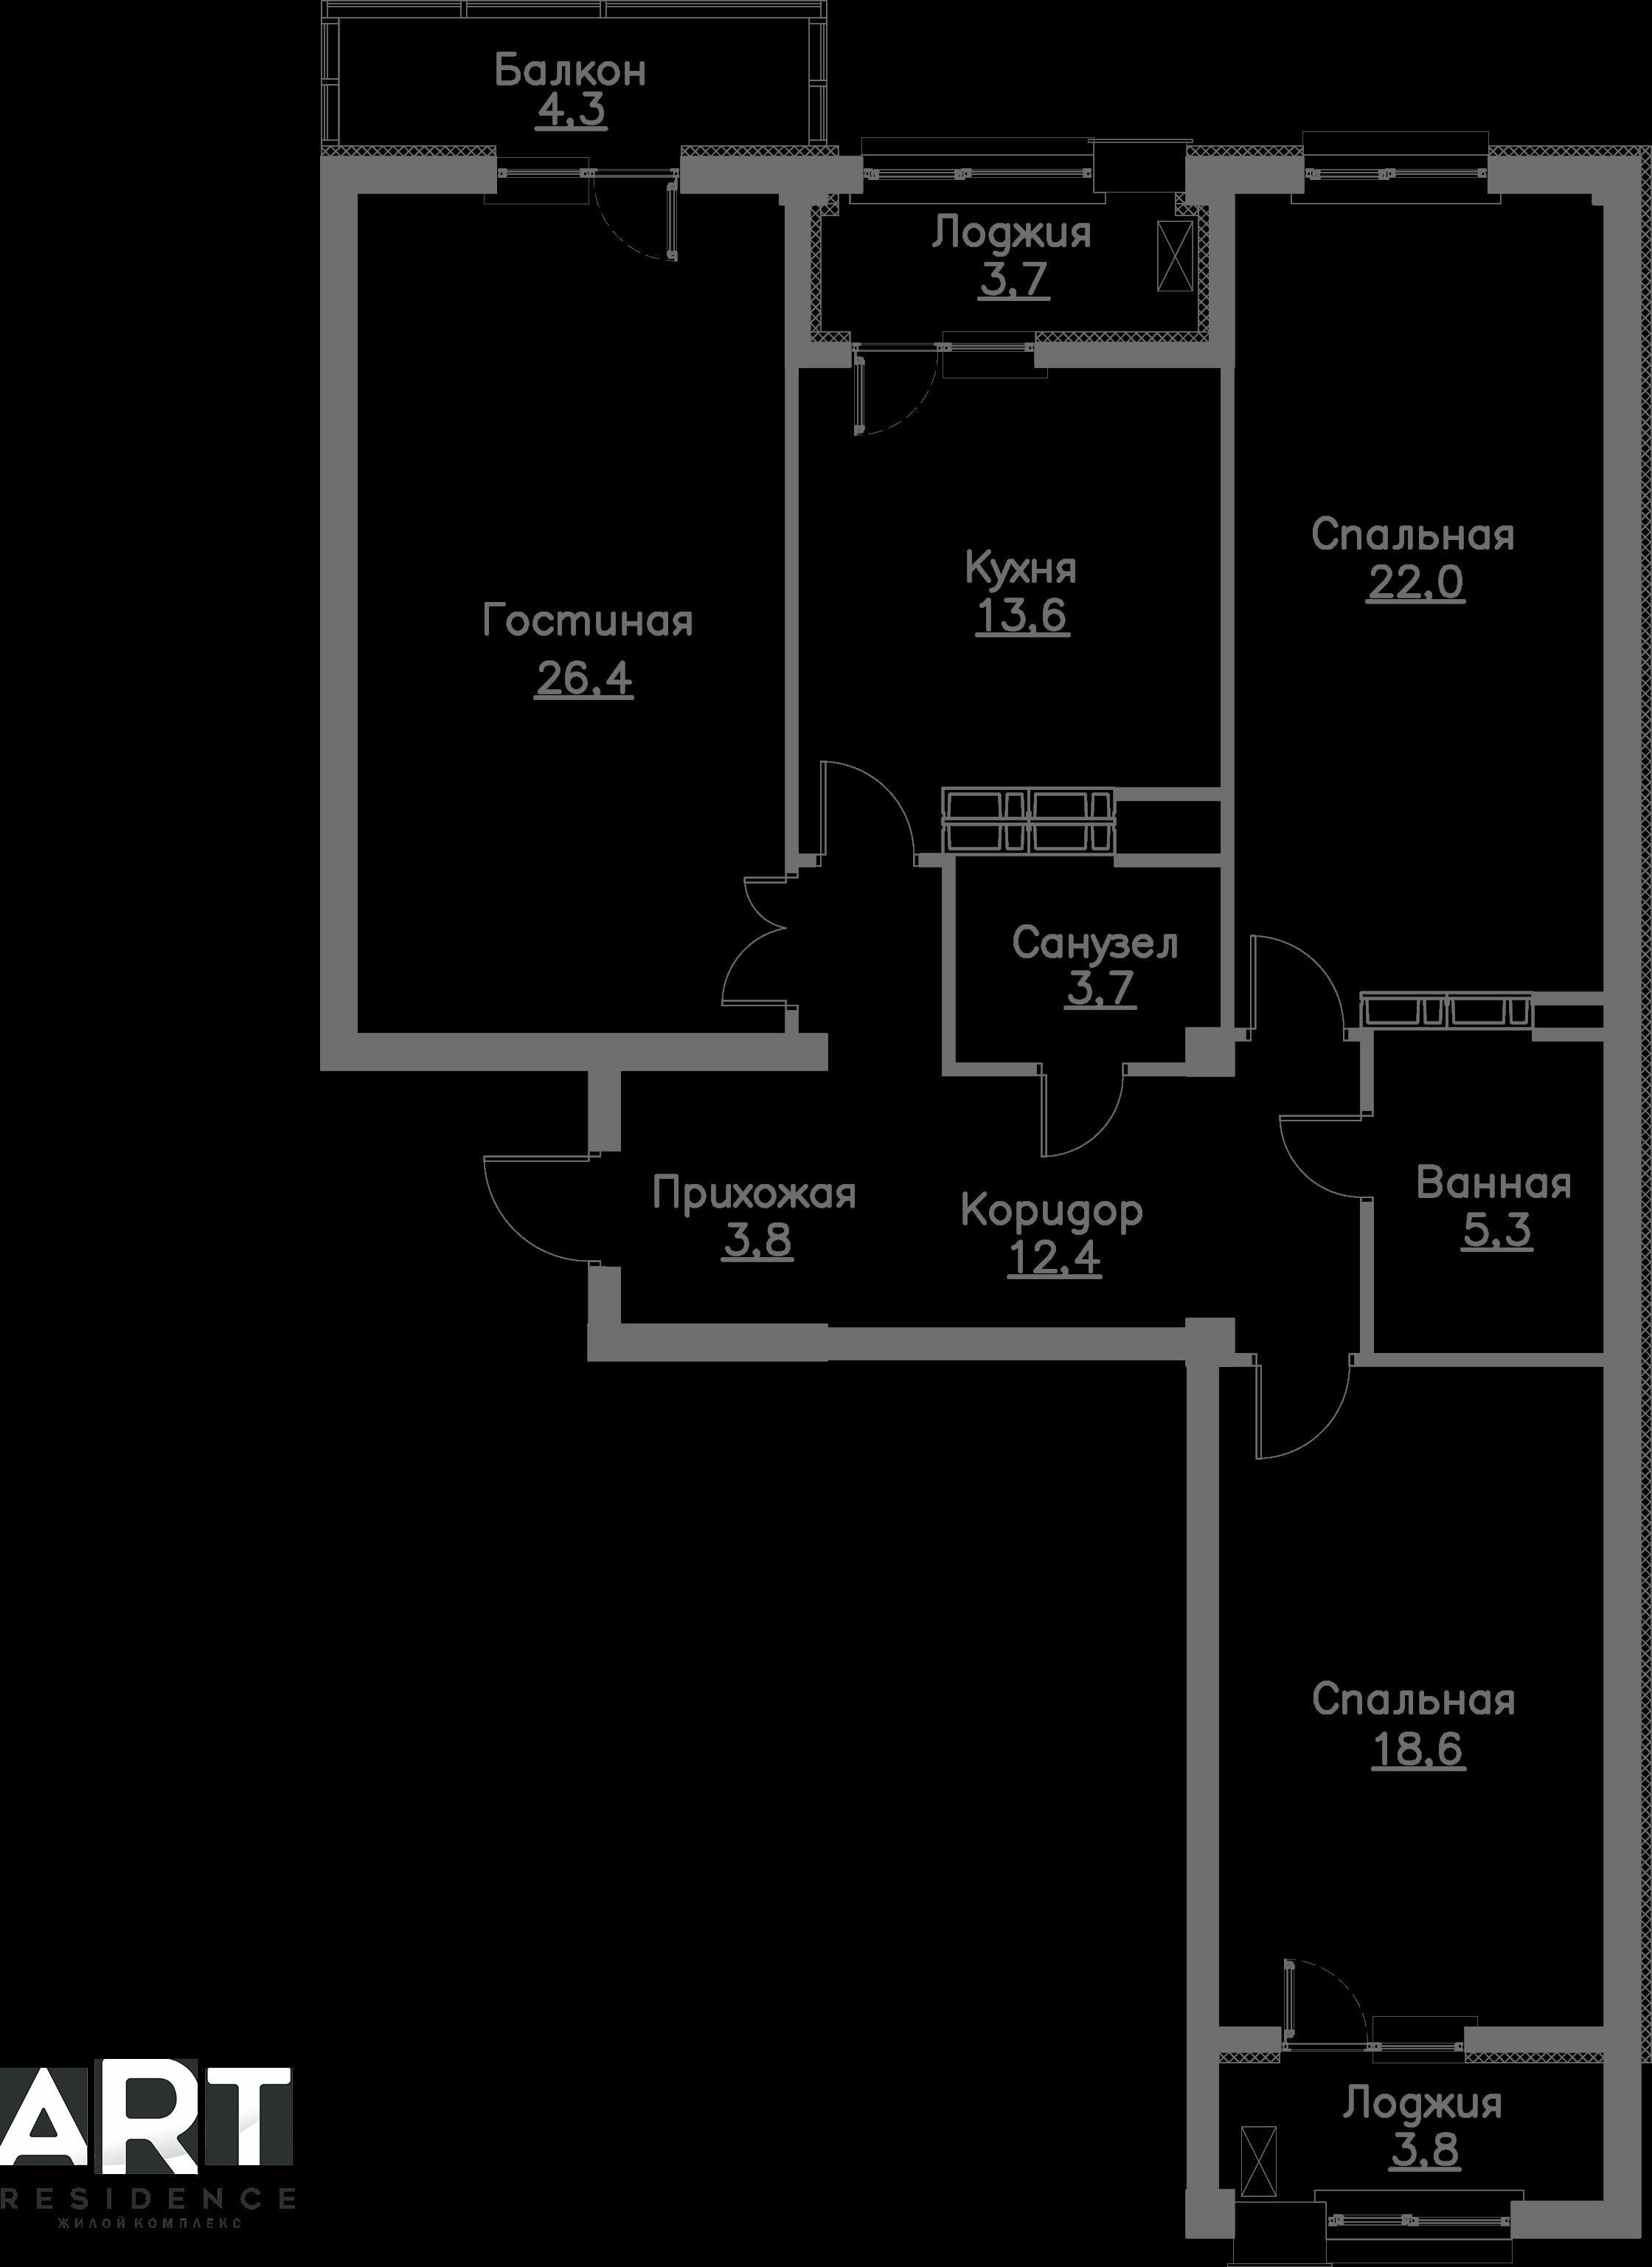 Очередь 1, Квартира 65